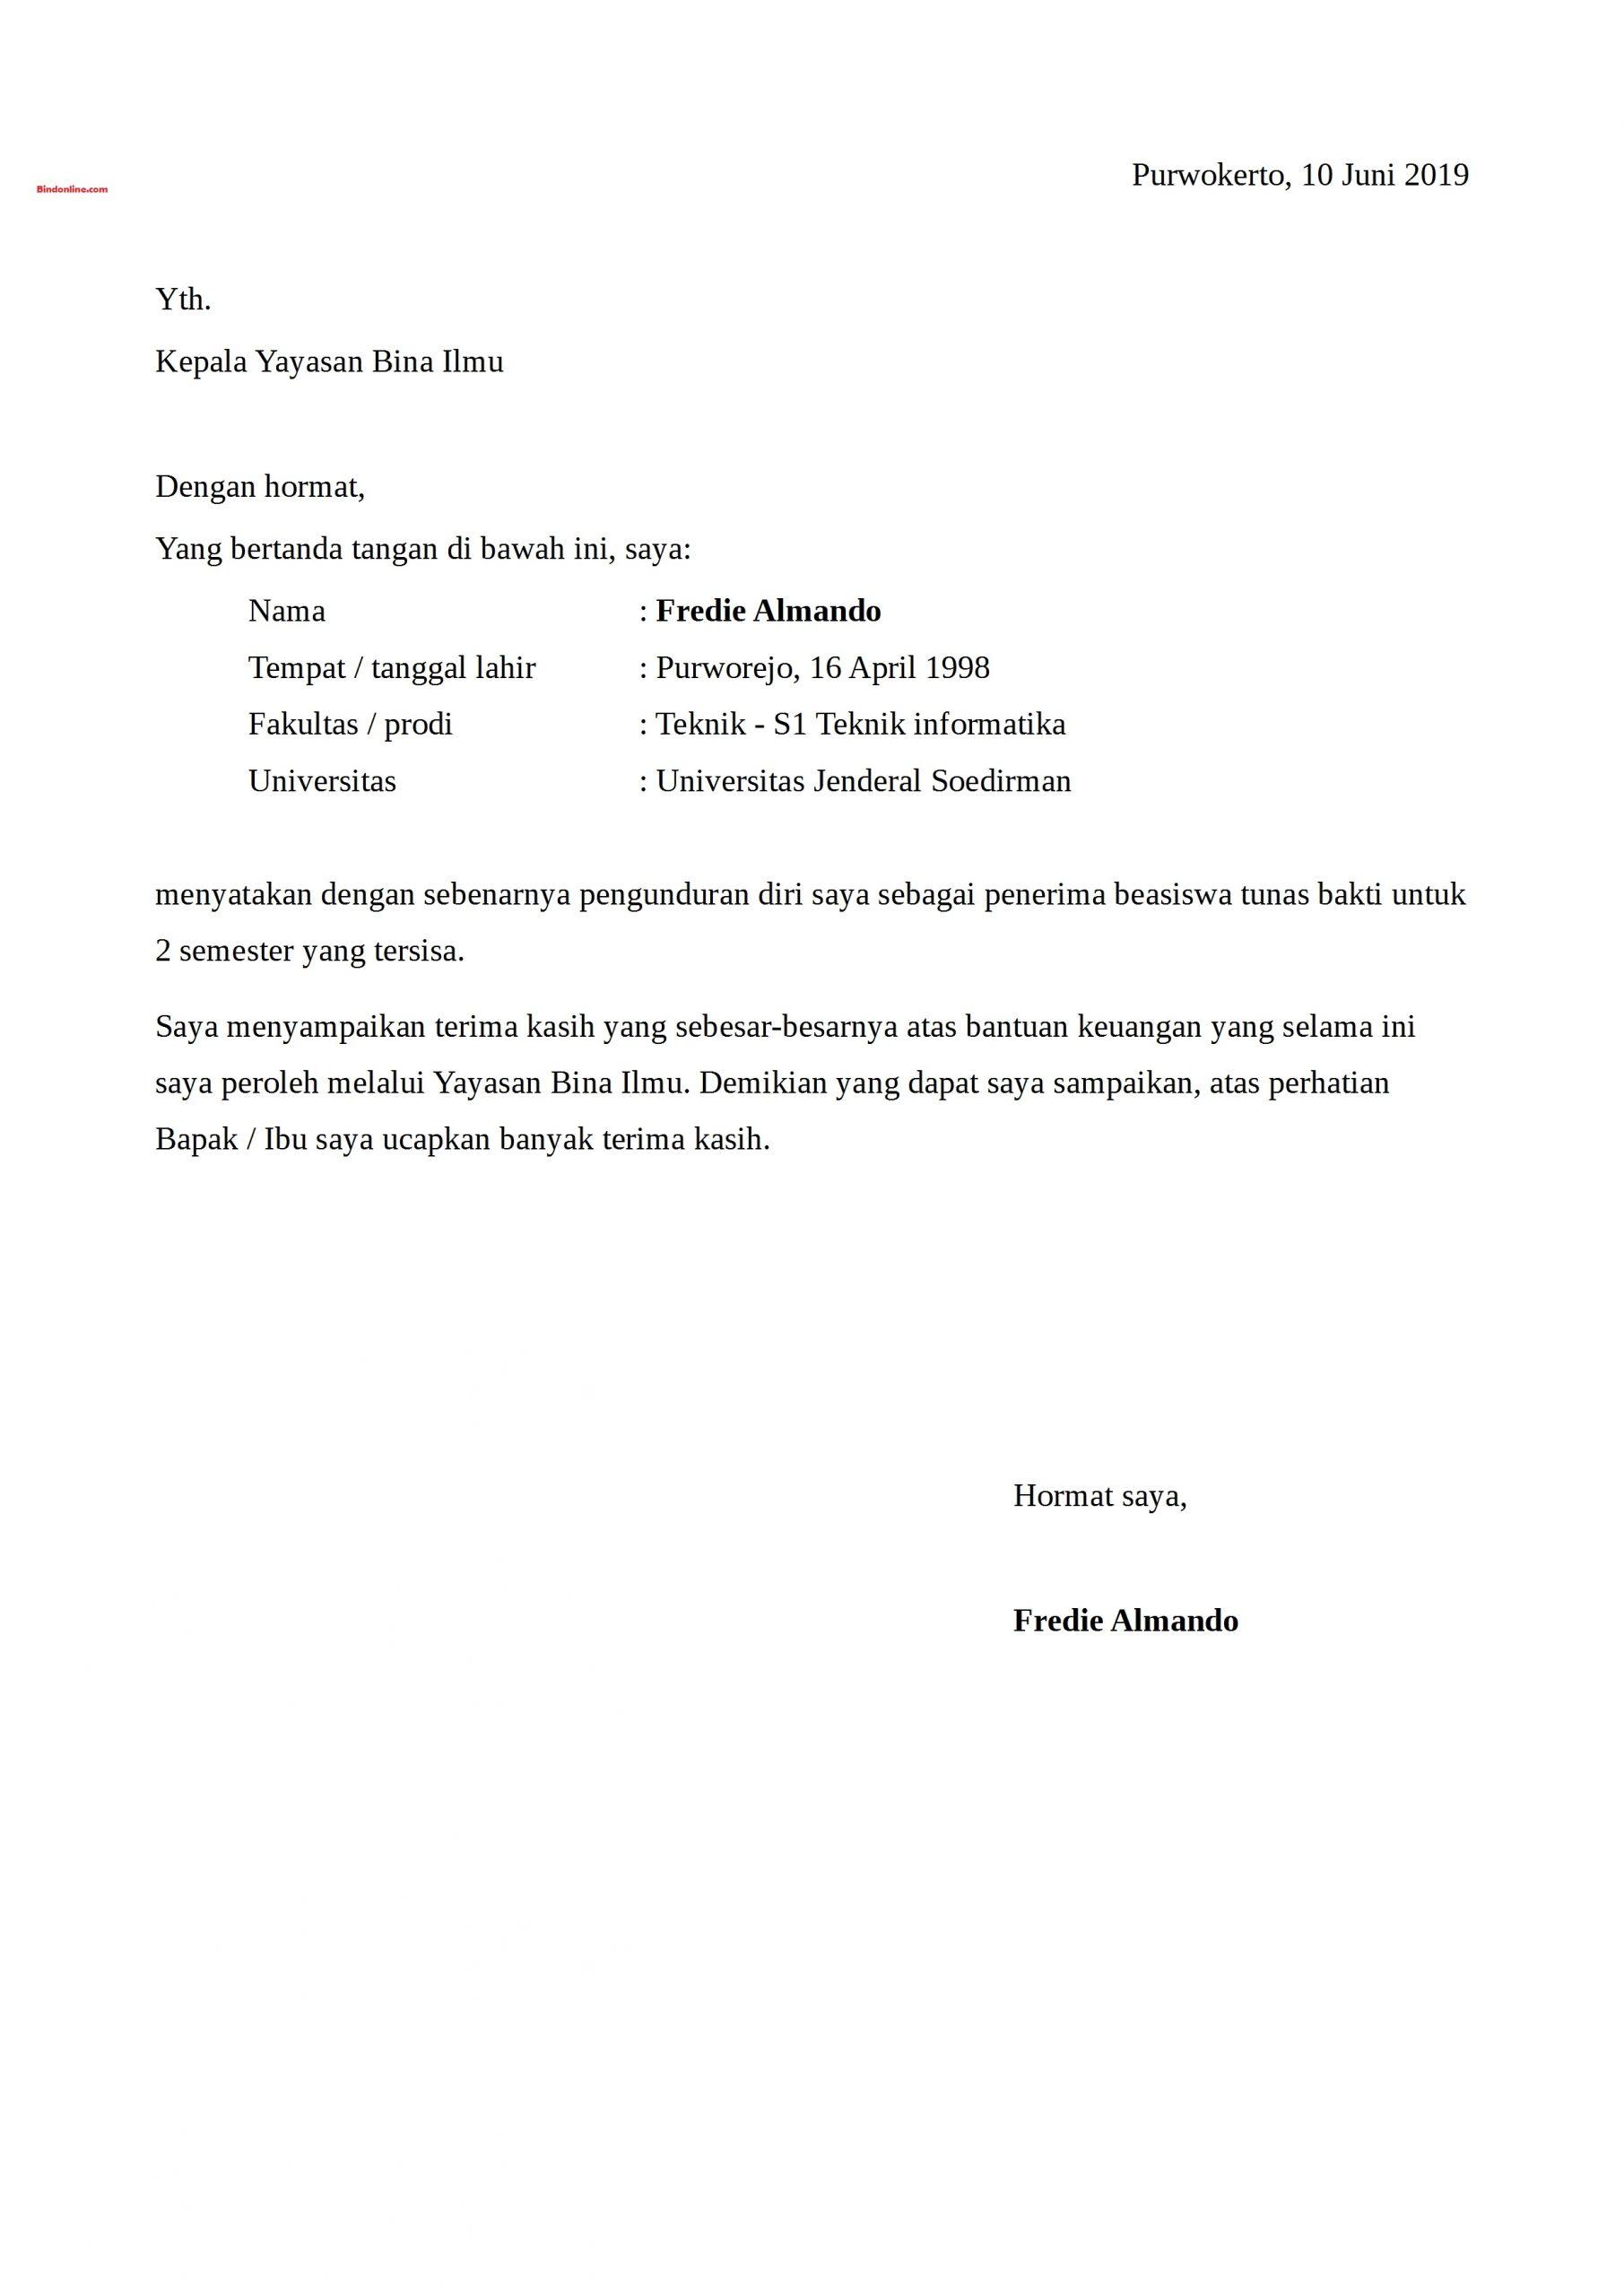 Surat pengunduran diri kerja karena melanjutkan studi